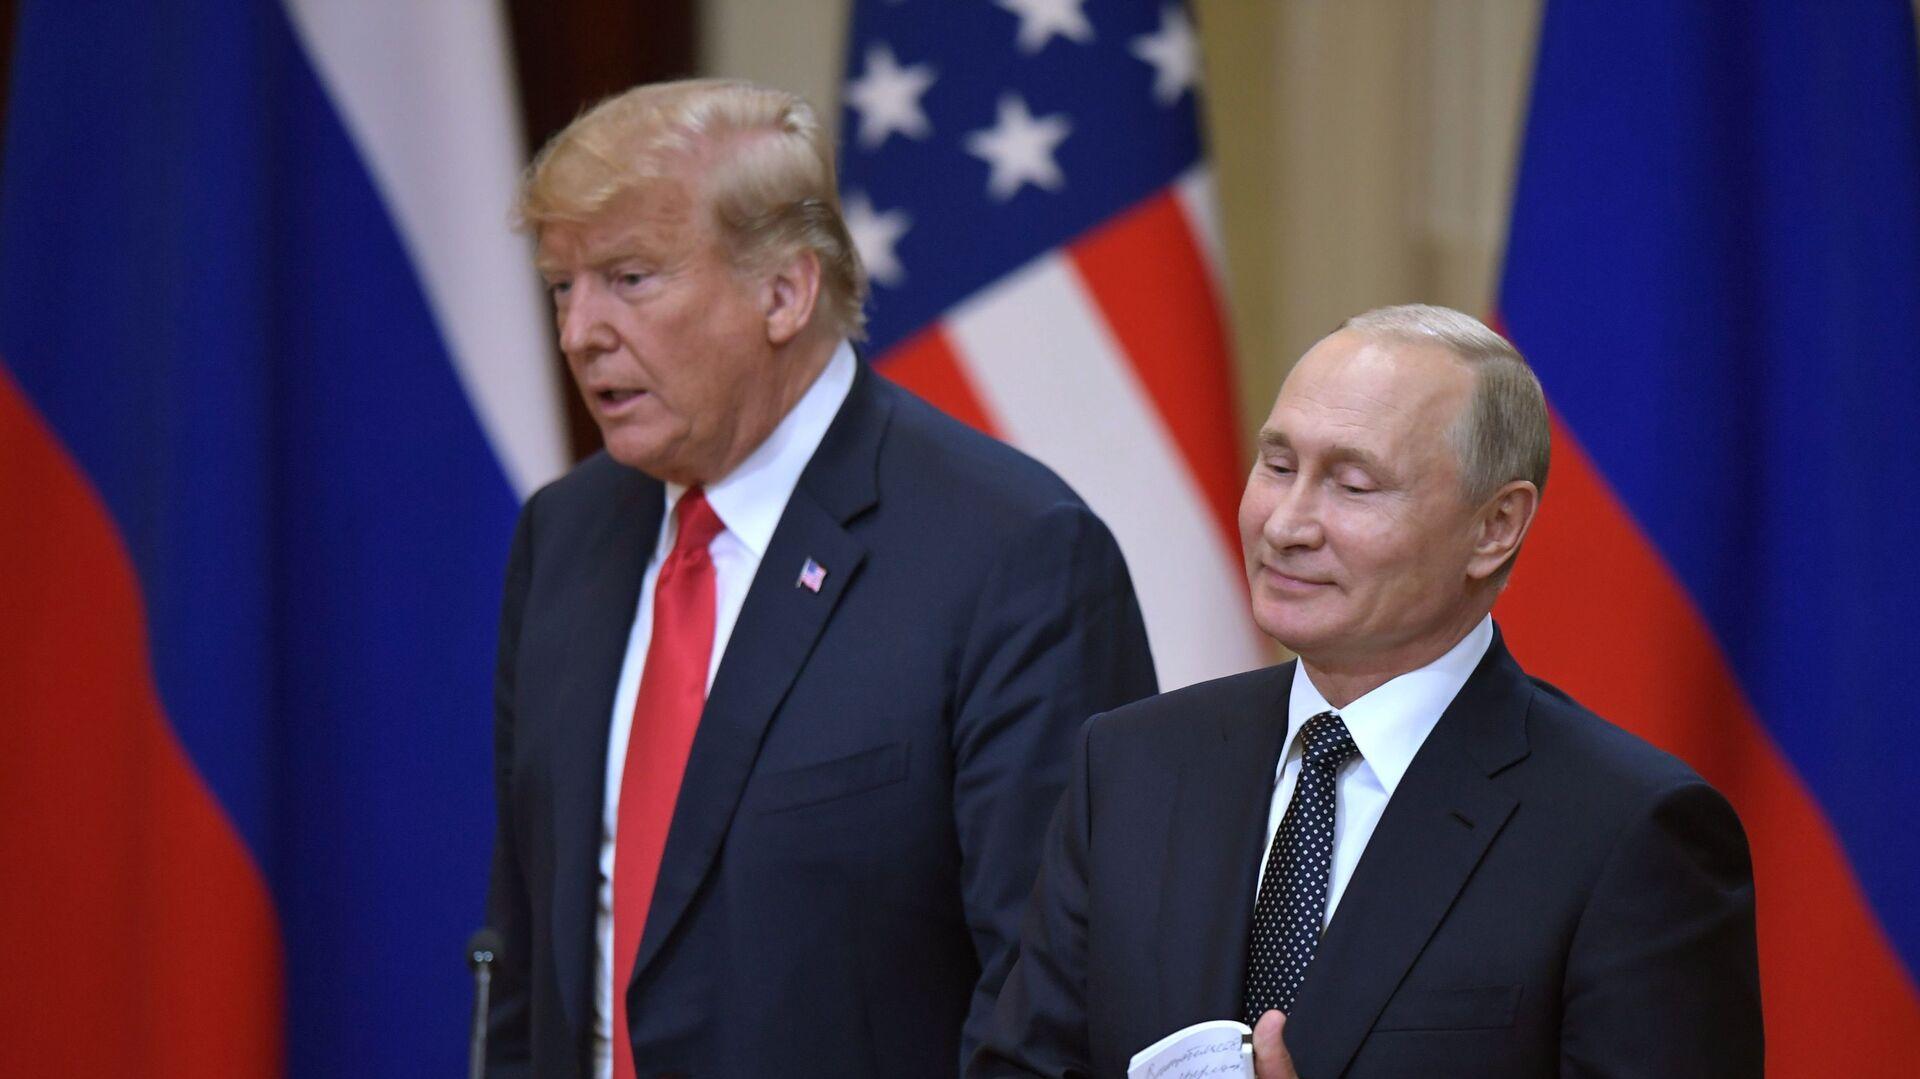 Americký prezident Donald Trump a ruský prezident Vladimir Putin - Sputnik Česká republika, 1920, 05.09.2021